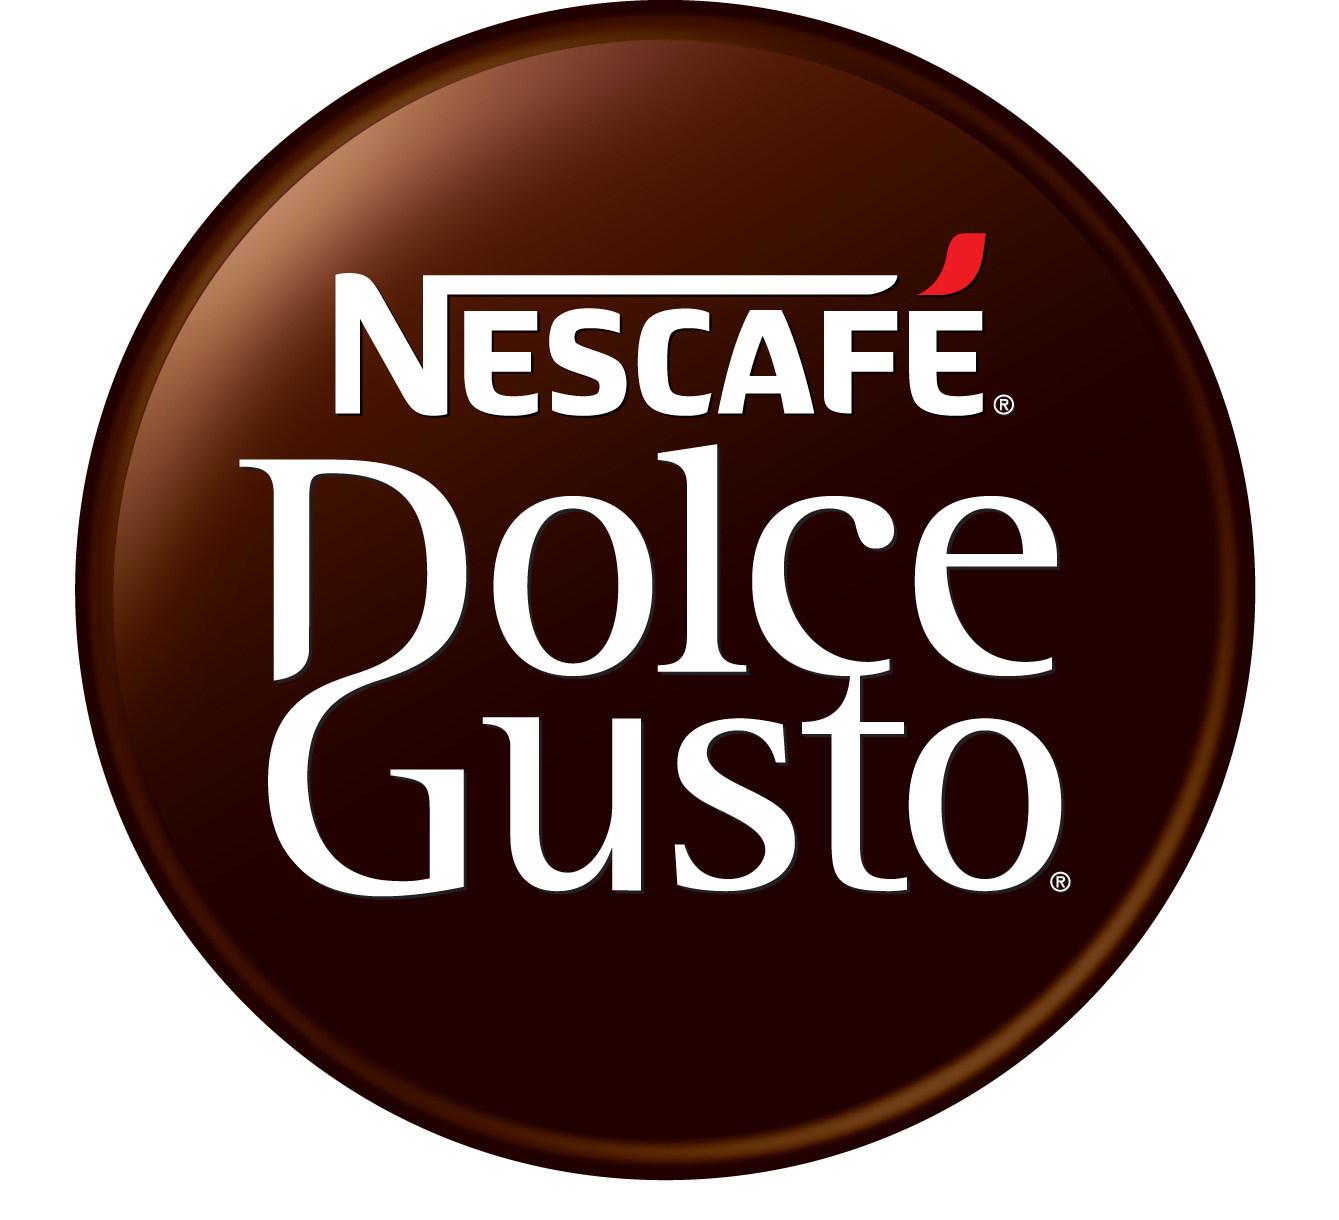 Promoción Dolce Gusto: compra de 8 cajas + vaso térmico de regalo y Elige una cafetera Piccolo y añade 4 cajas.